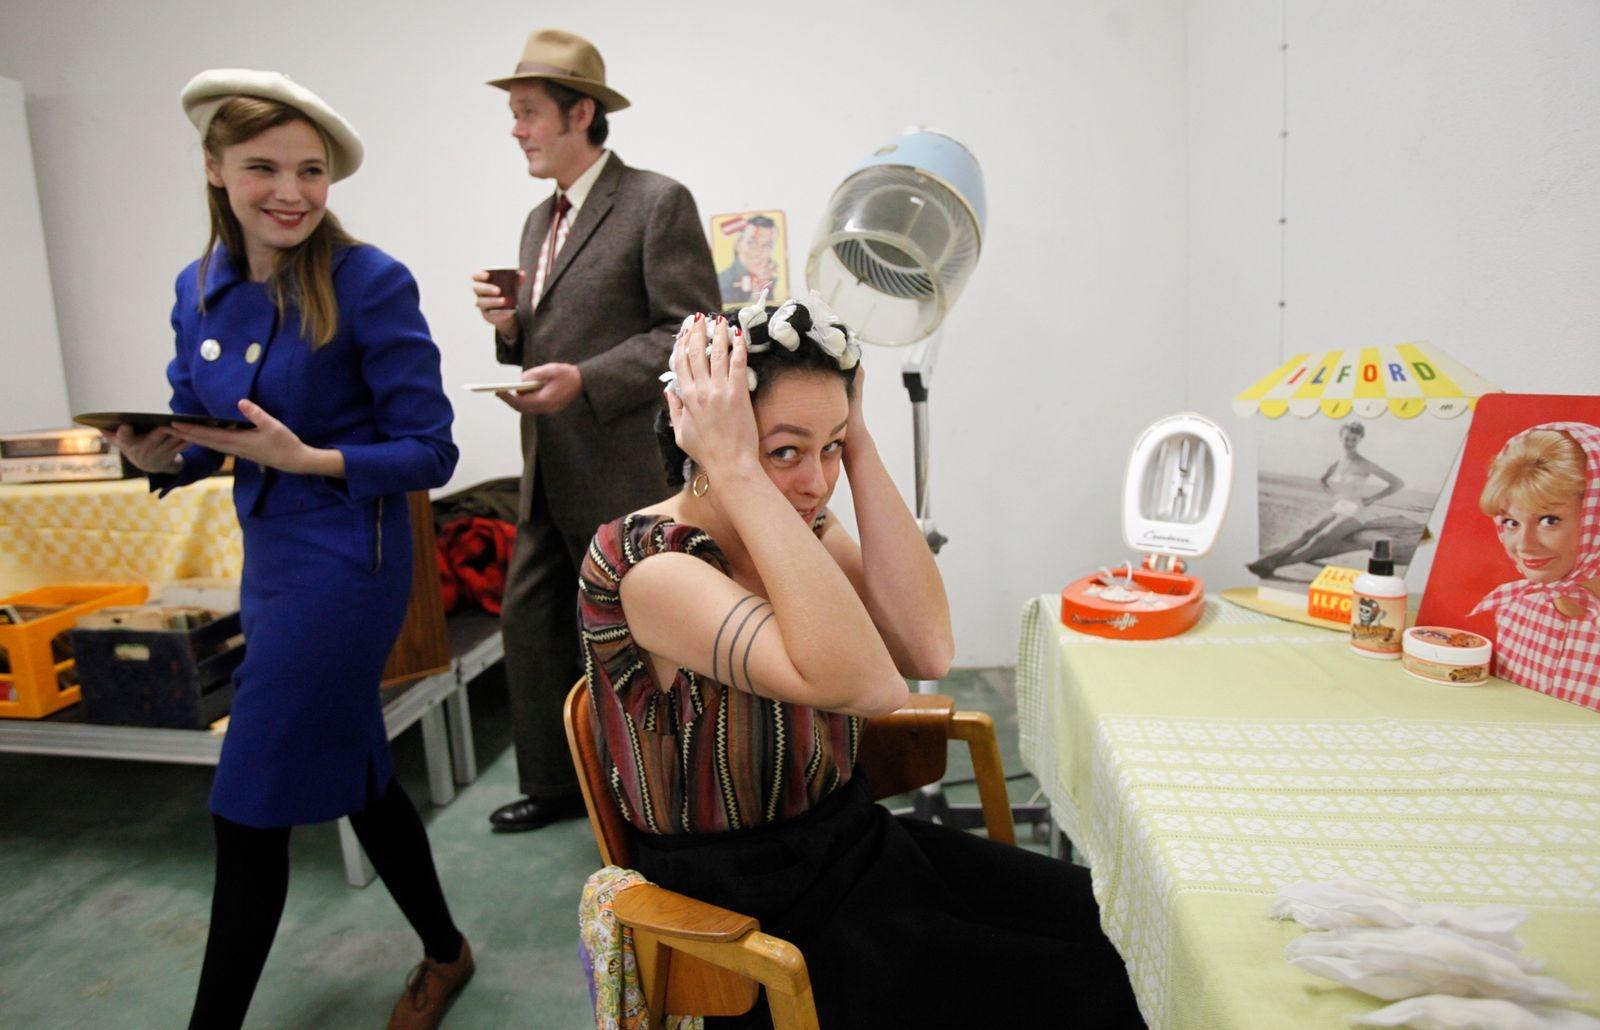 Lisa Nylén, Patrik Palmros och Sally Alebo Nelson hade dagen till ära klätt sig i 50-talskläder och spelade gamla stenkakor. I samlingarna finns både 50-talsmöbler, inredningsprylar, grammofoner och skivor.